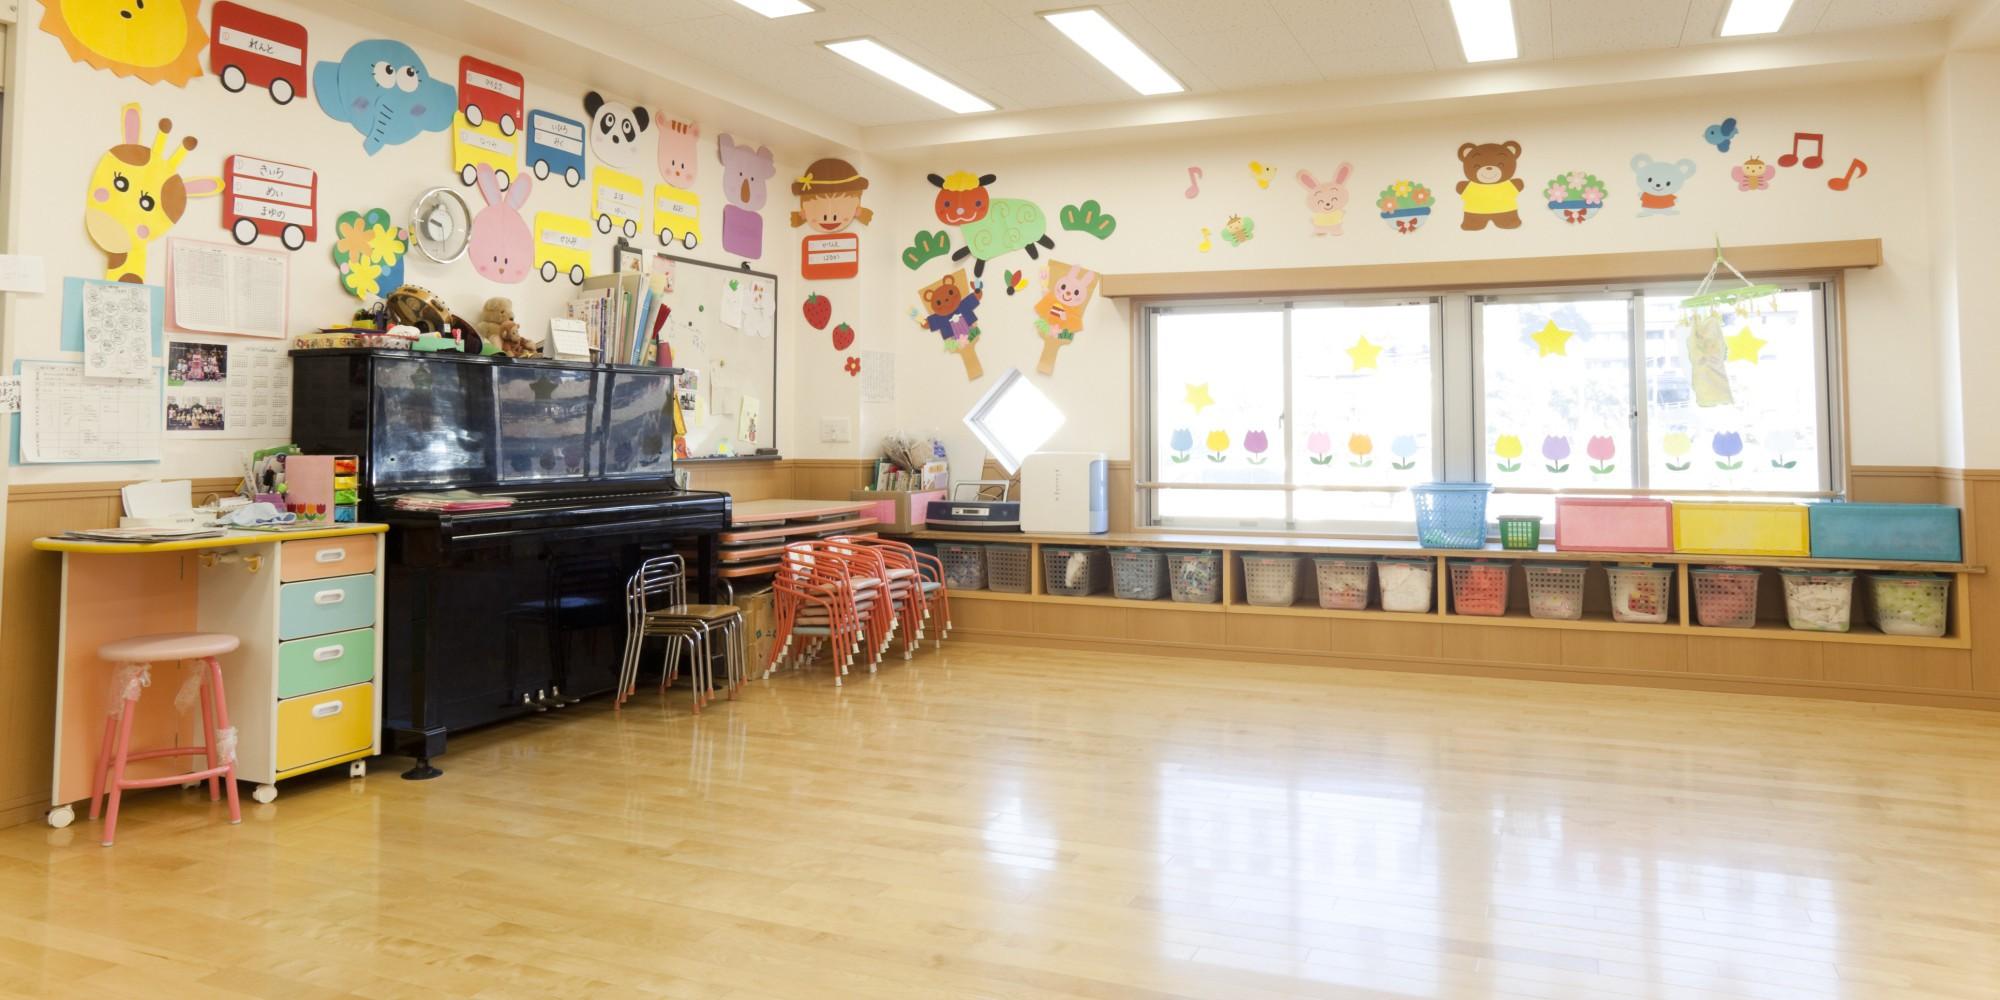 Không phải trường xịn đẹp, đây mới là tiêu chí mẹ Đỗ Nhật Nam chú trọng khi chọn trường mẫu giáo cho con - Ảnh 2.